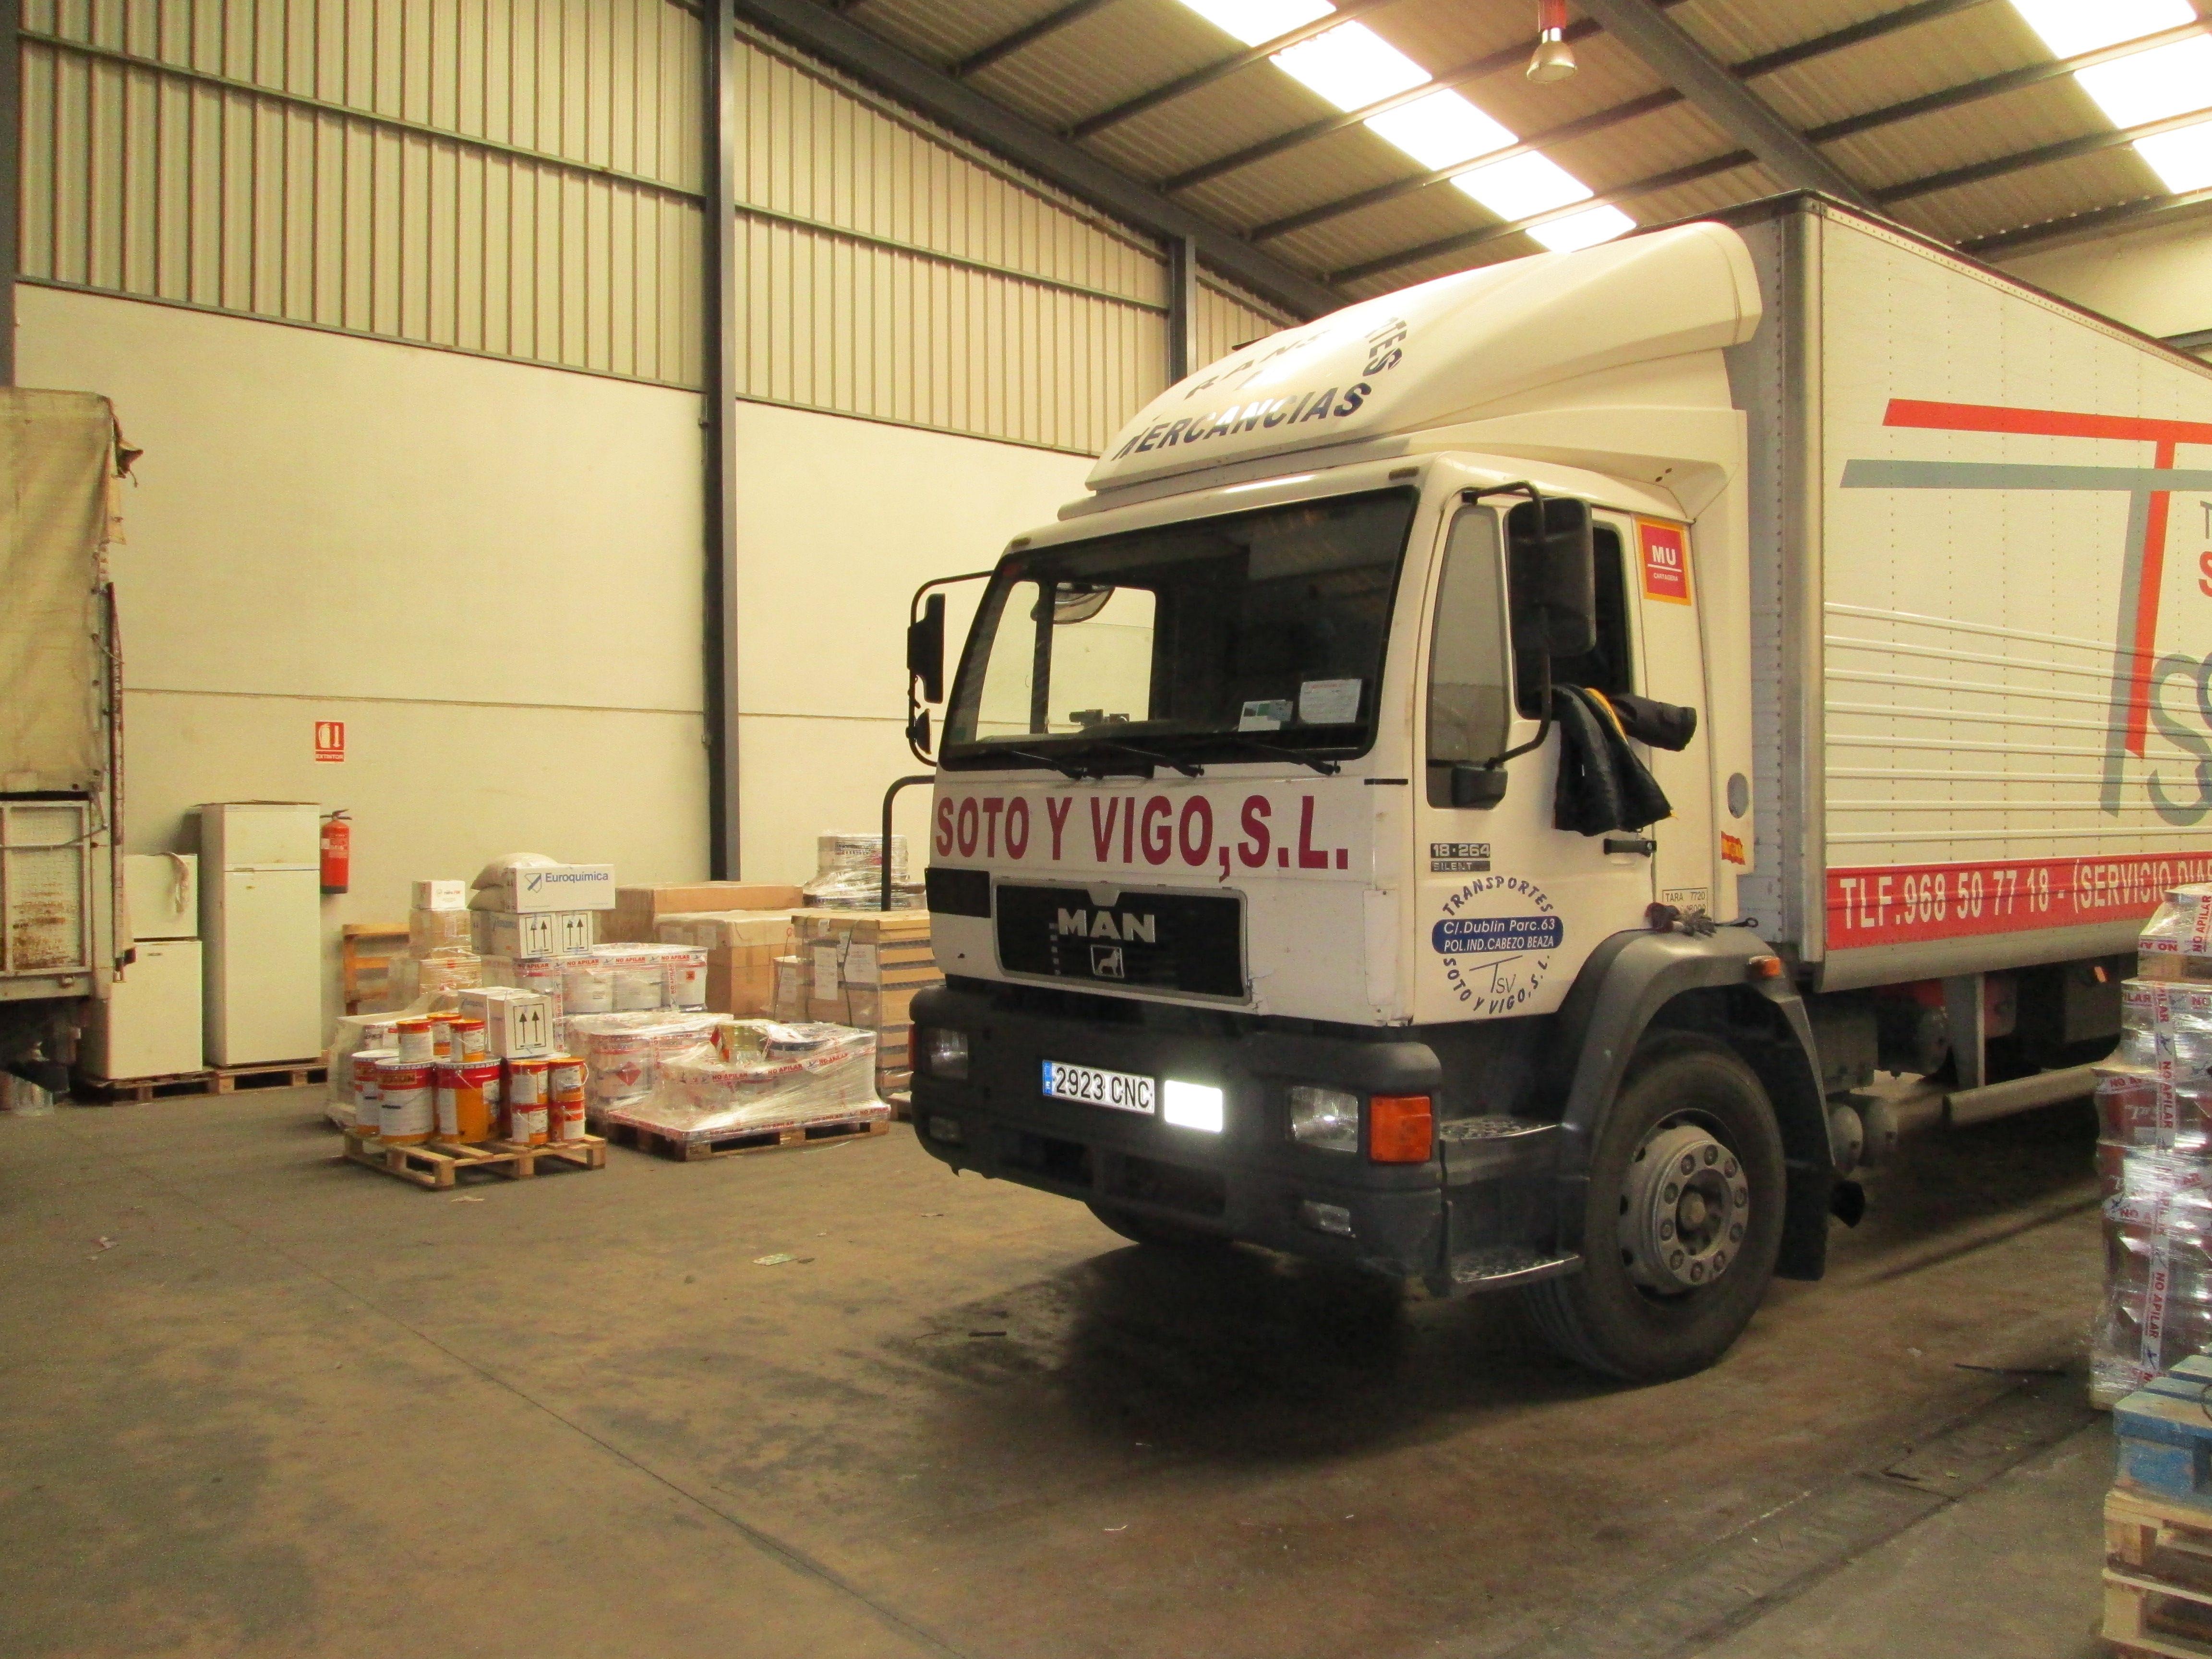 Foto 4 de Transporte de mercancías en Cartagena | Transportes Soto y Vigo, S.L.